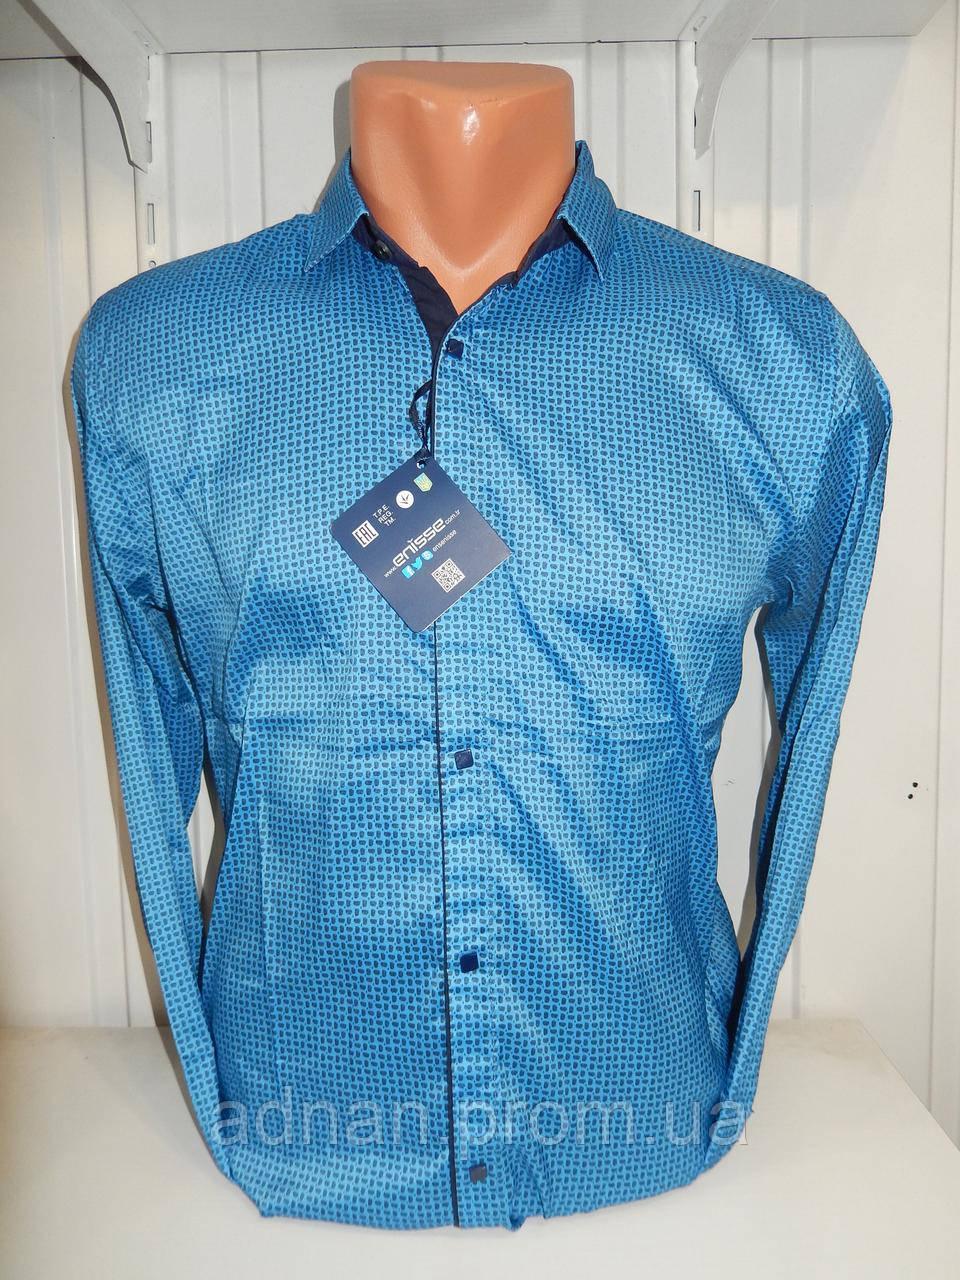 Рубашка мужская Enisse длинный рукав, под шелк, стрейч, заклёпки узор №2  001\ купить рубашку